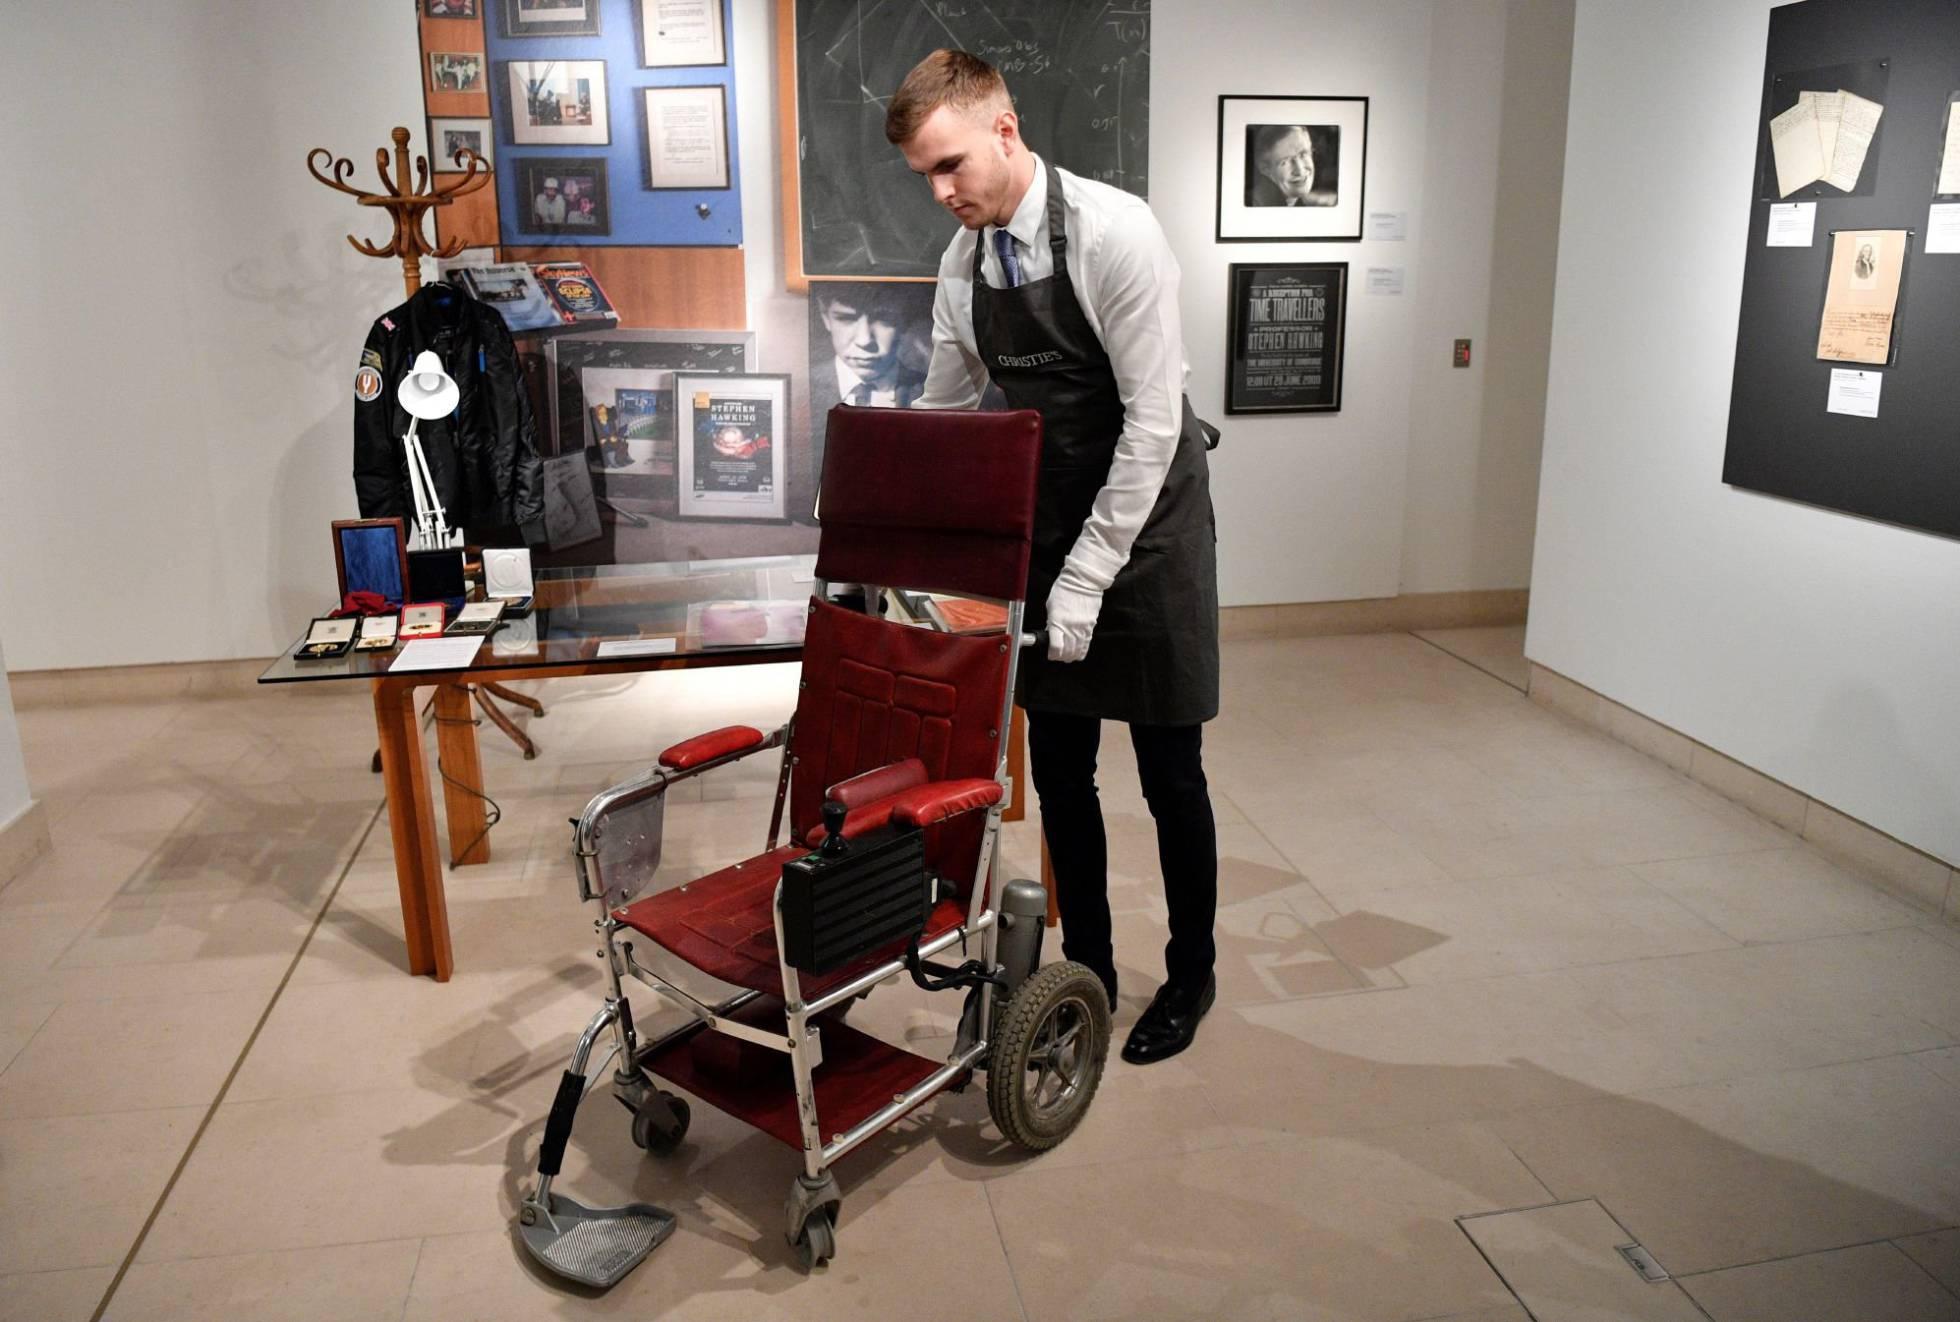 Fue subastada la silla de ruedas y la tesis doctoral de Stephen Hawking